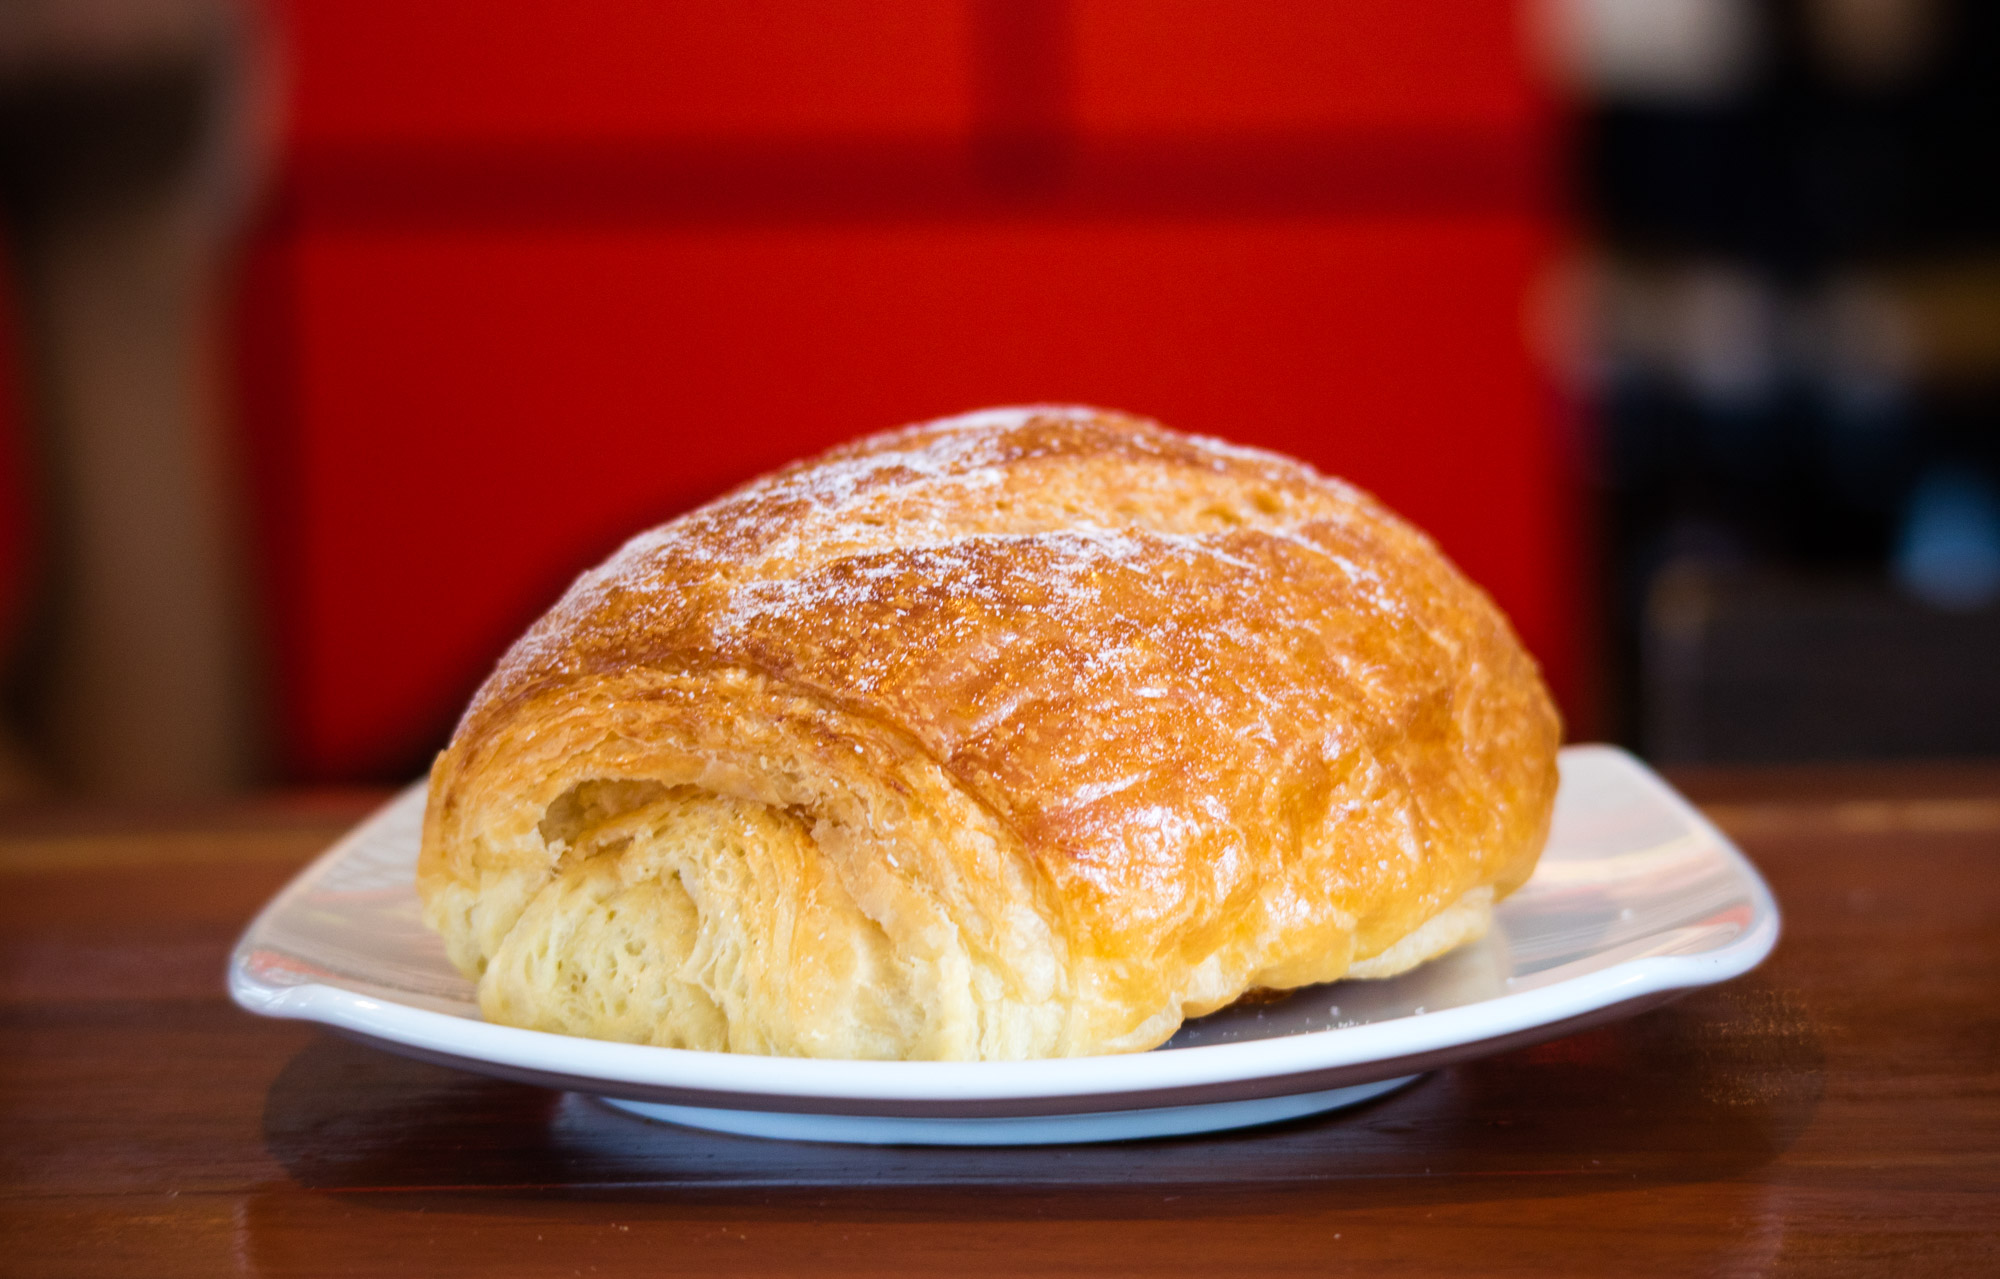 Chocolat Croissant   ร้านอาหารแนะนำ ในอาคารผู้โดยสารขาออกระหว่างประเทศ ท่าอากาศยานภูเก็ต IMG 8251